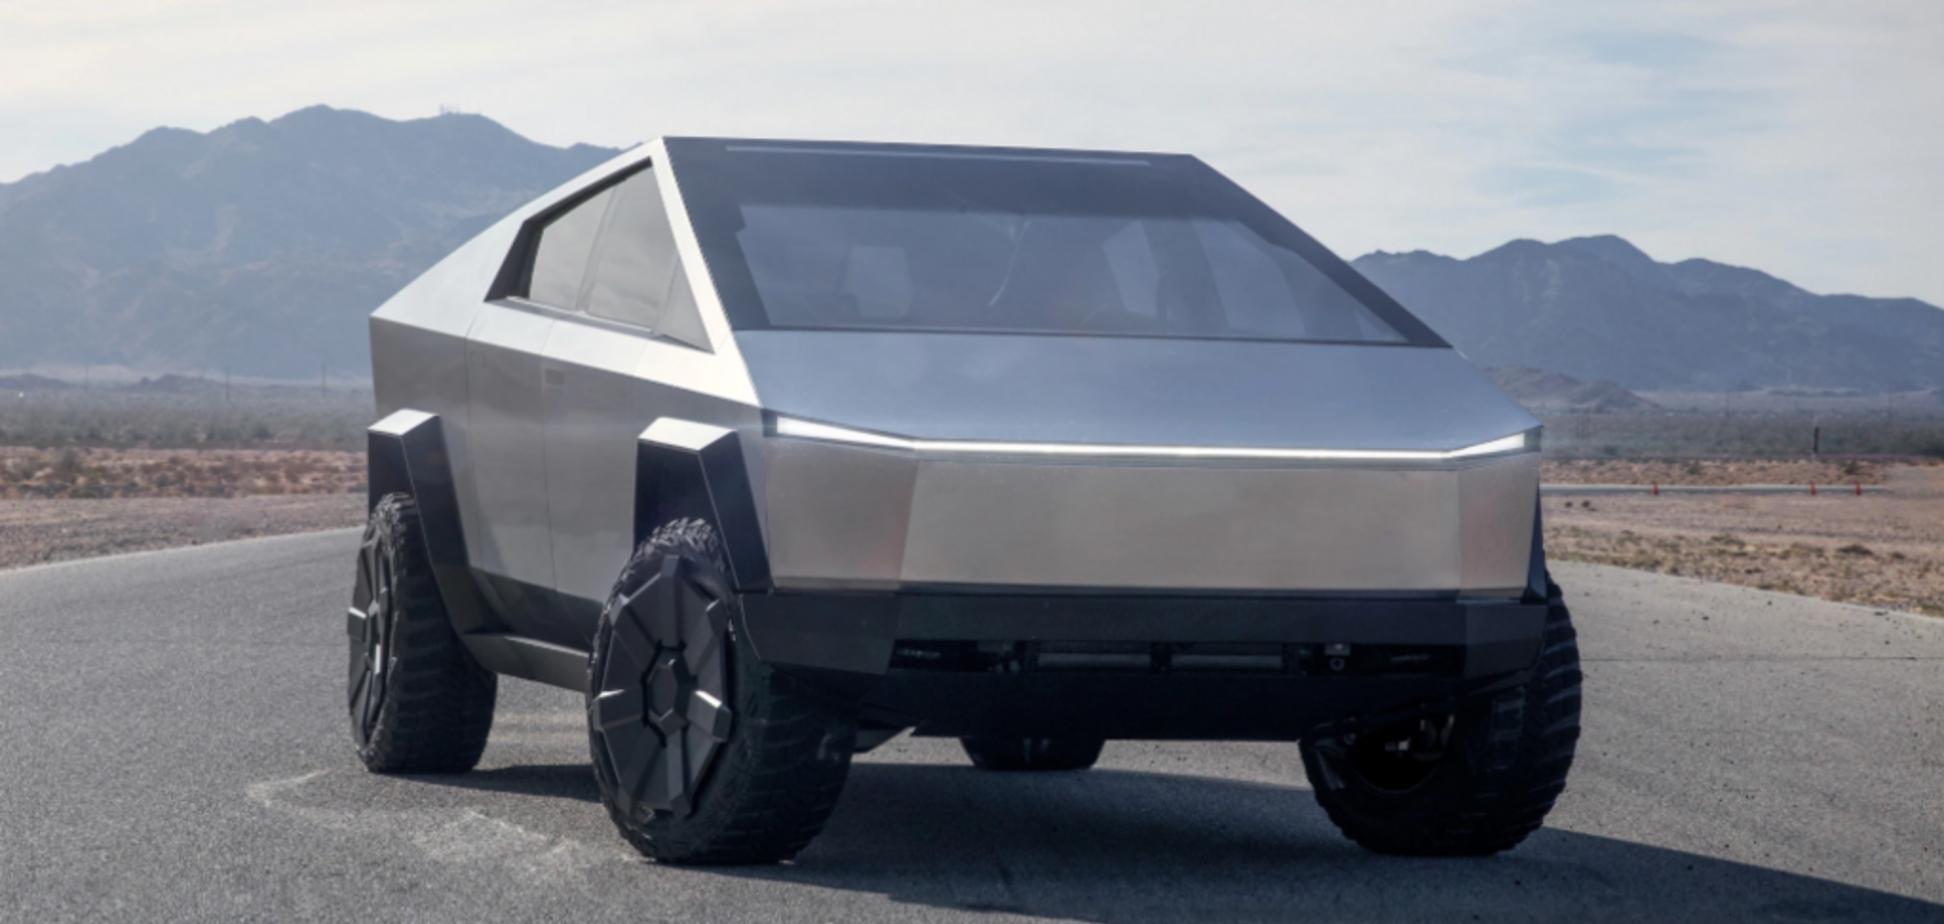 'Cтане культовим': Tesla Cybertruck у США напророкували приголомшливий успіх